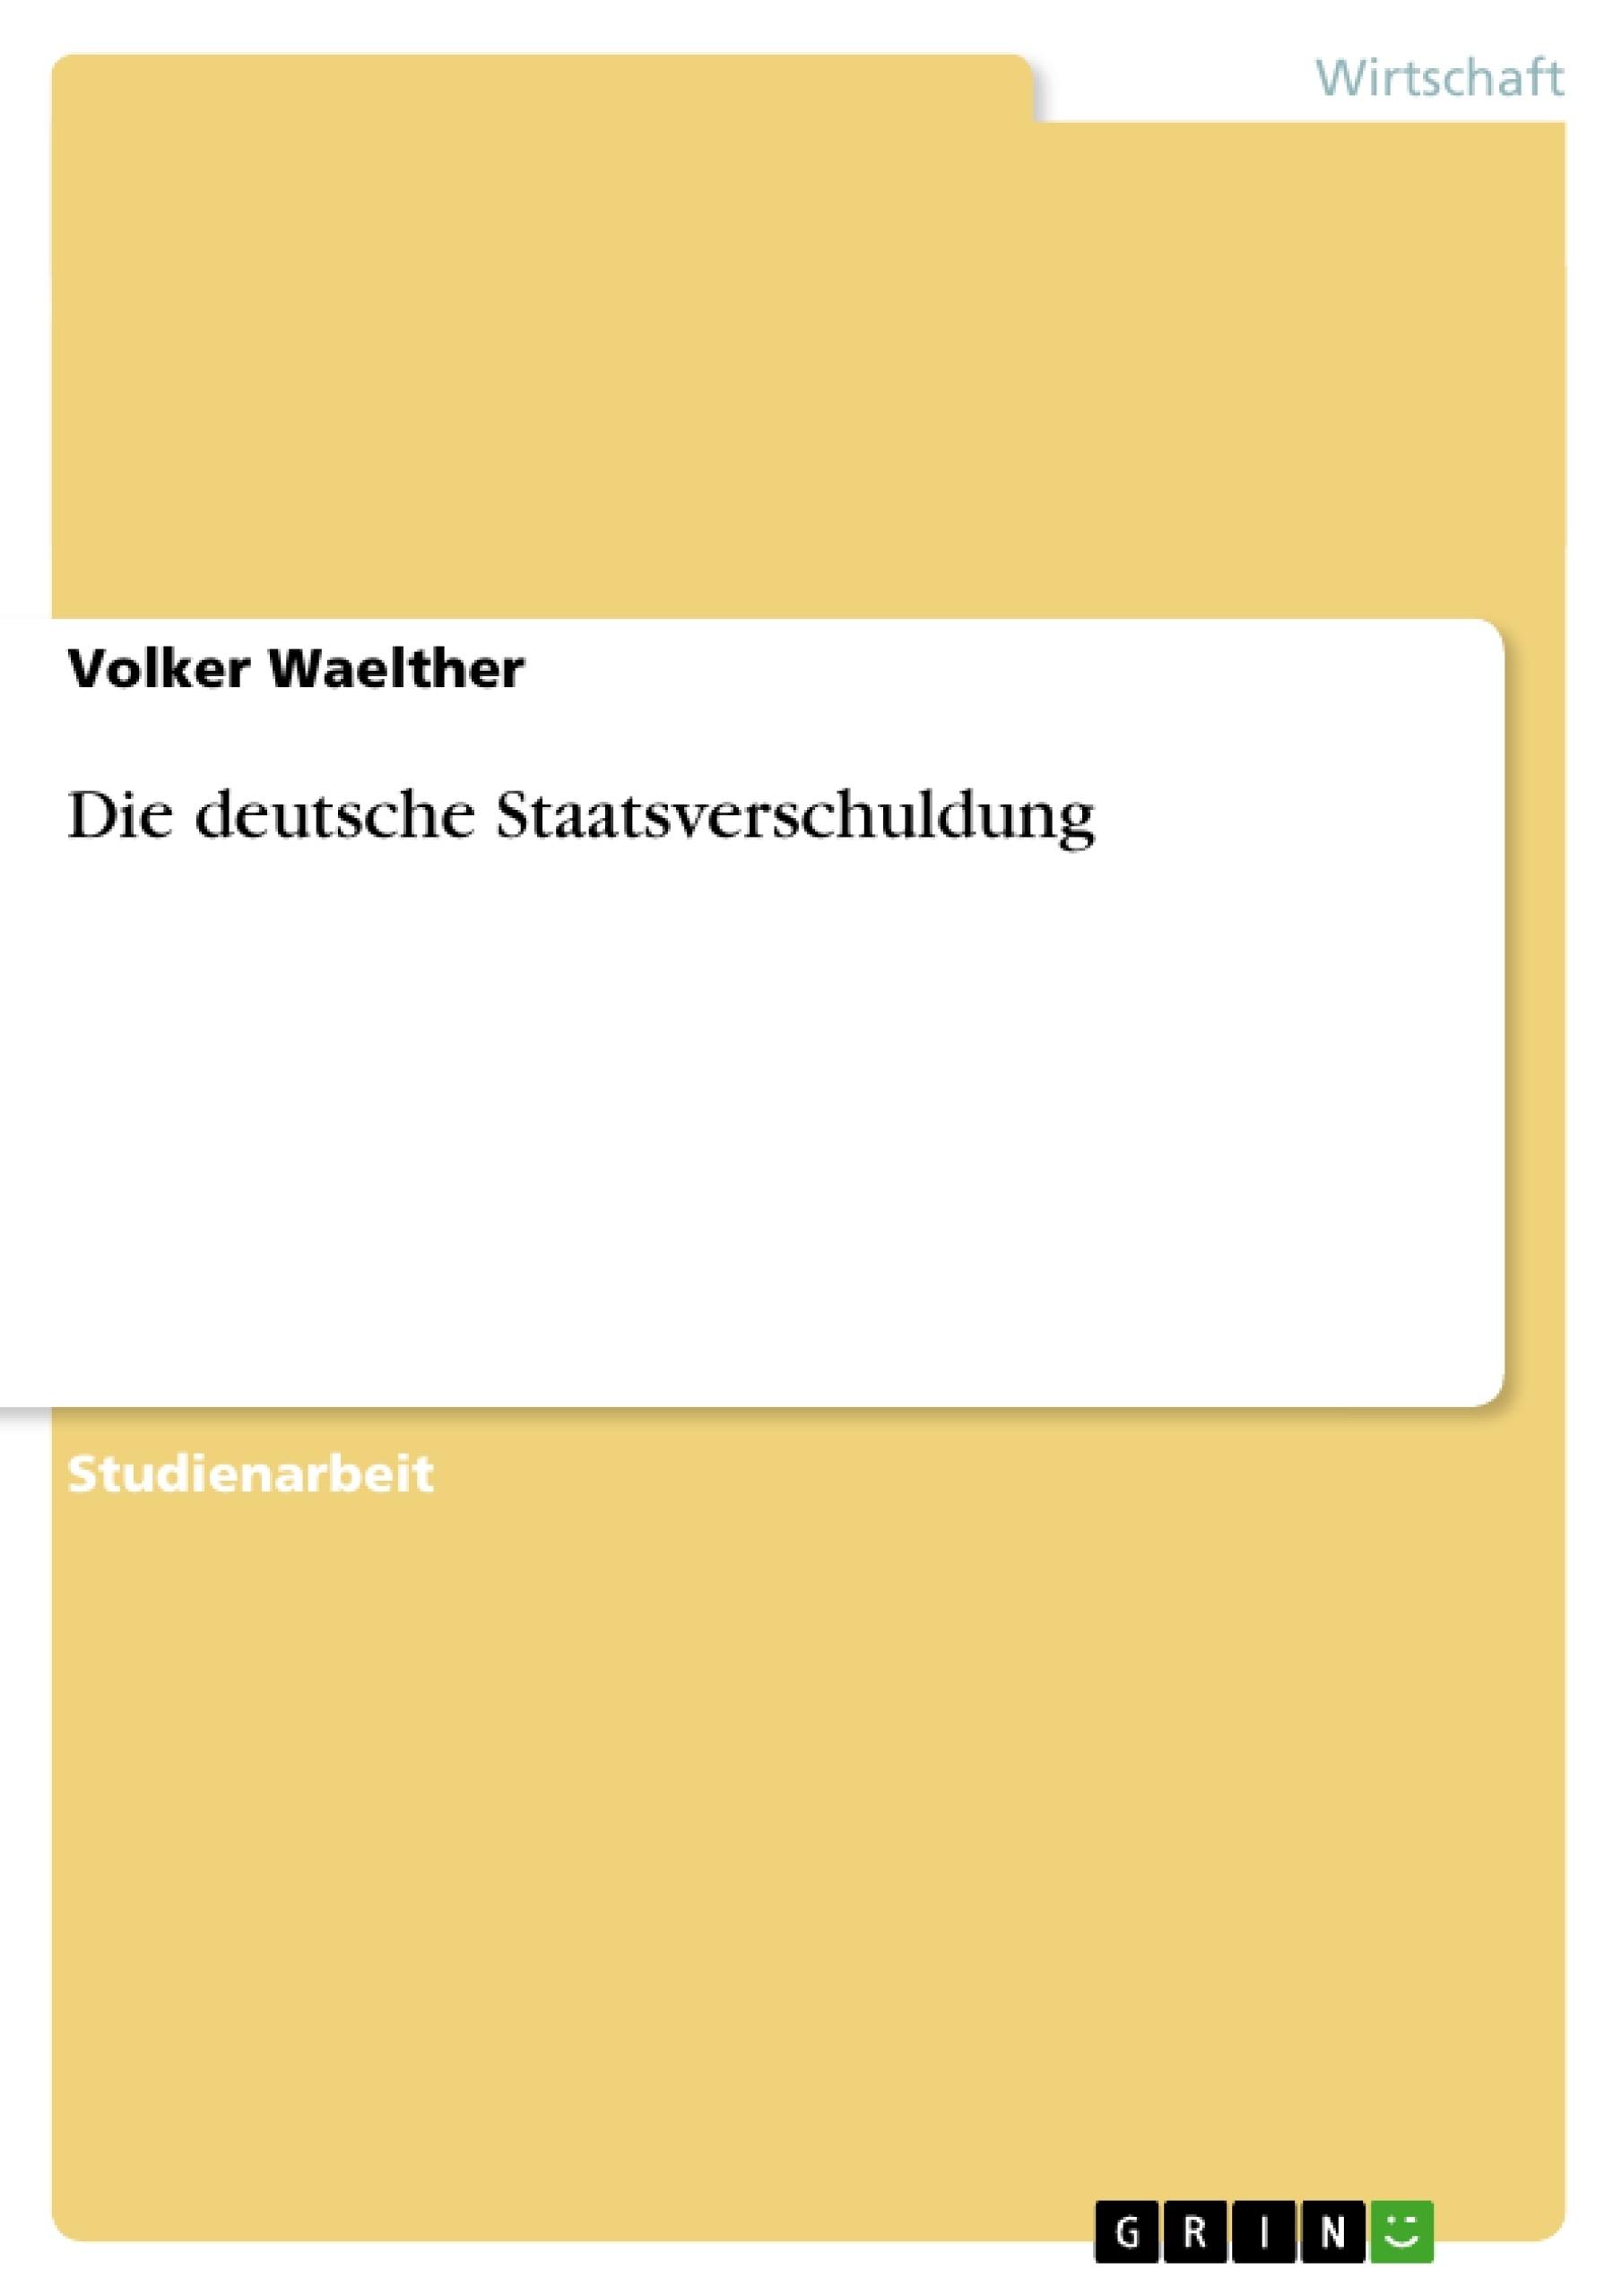 Titel: Die deutsche Staatsverschuldung